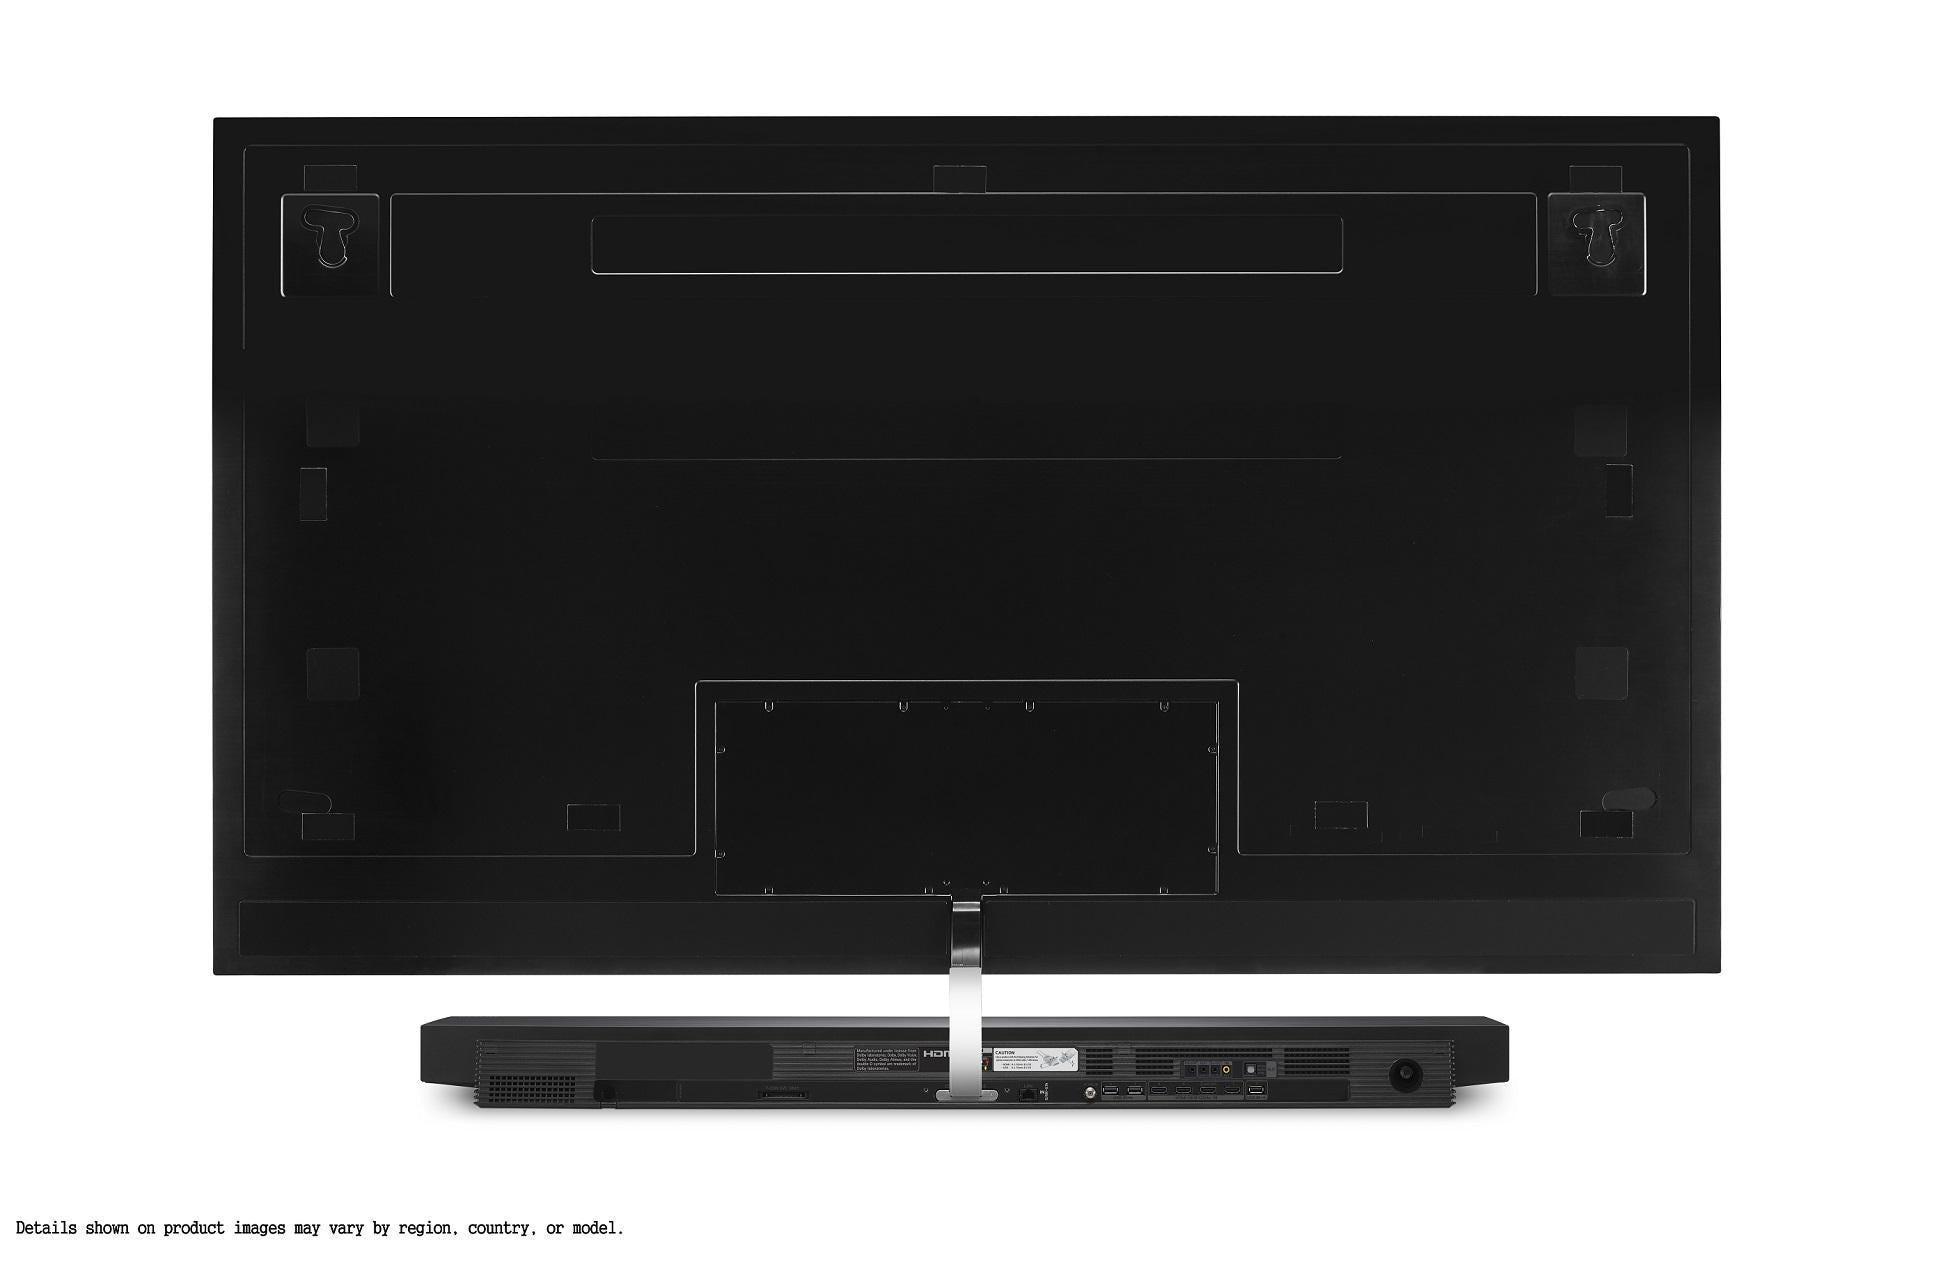 LG OLED65WX9LA 65 inch OLED 4K Ultra HD